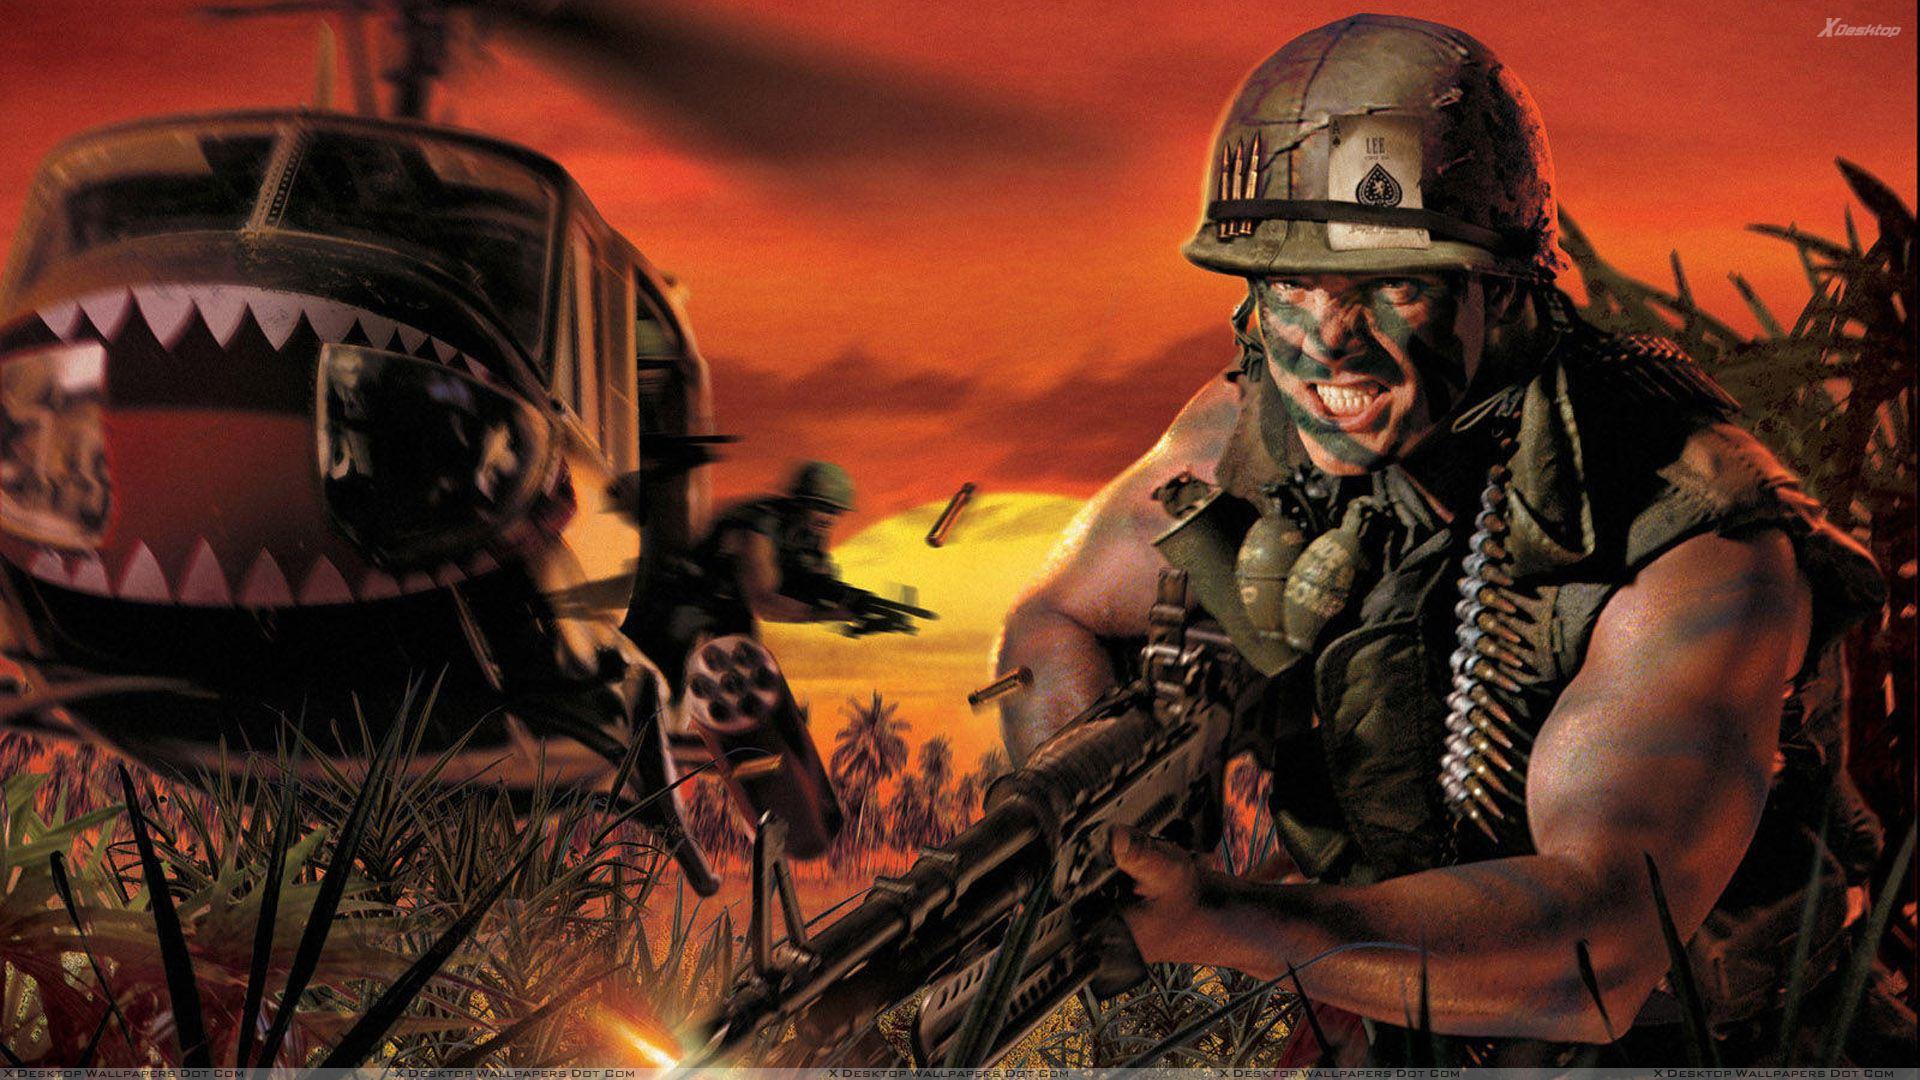 Battlefield Vietnam Soldier Firing Wallpaper 1920x1080